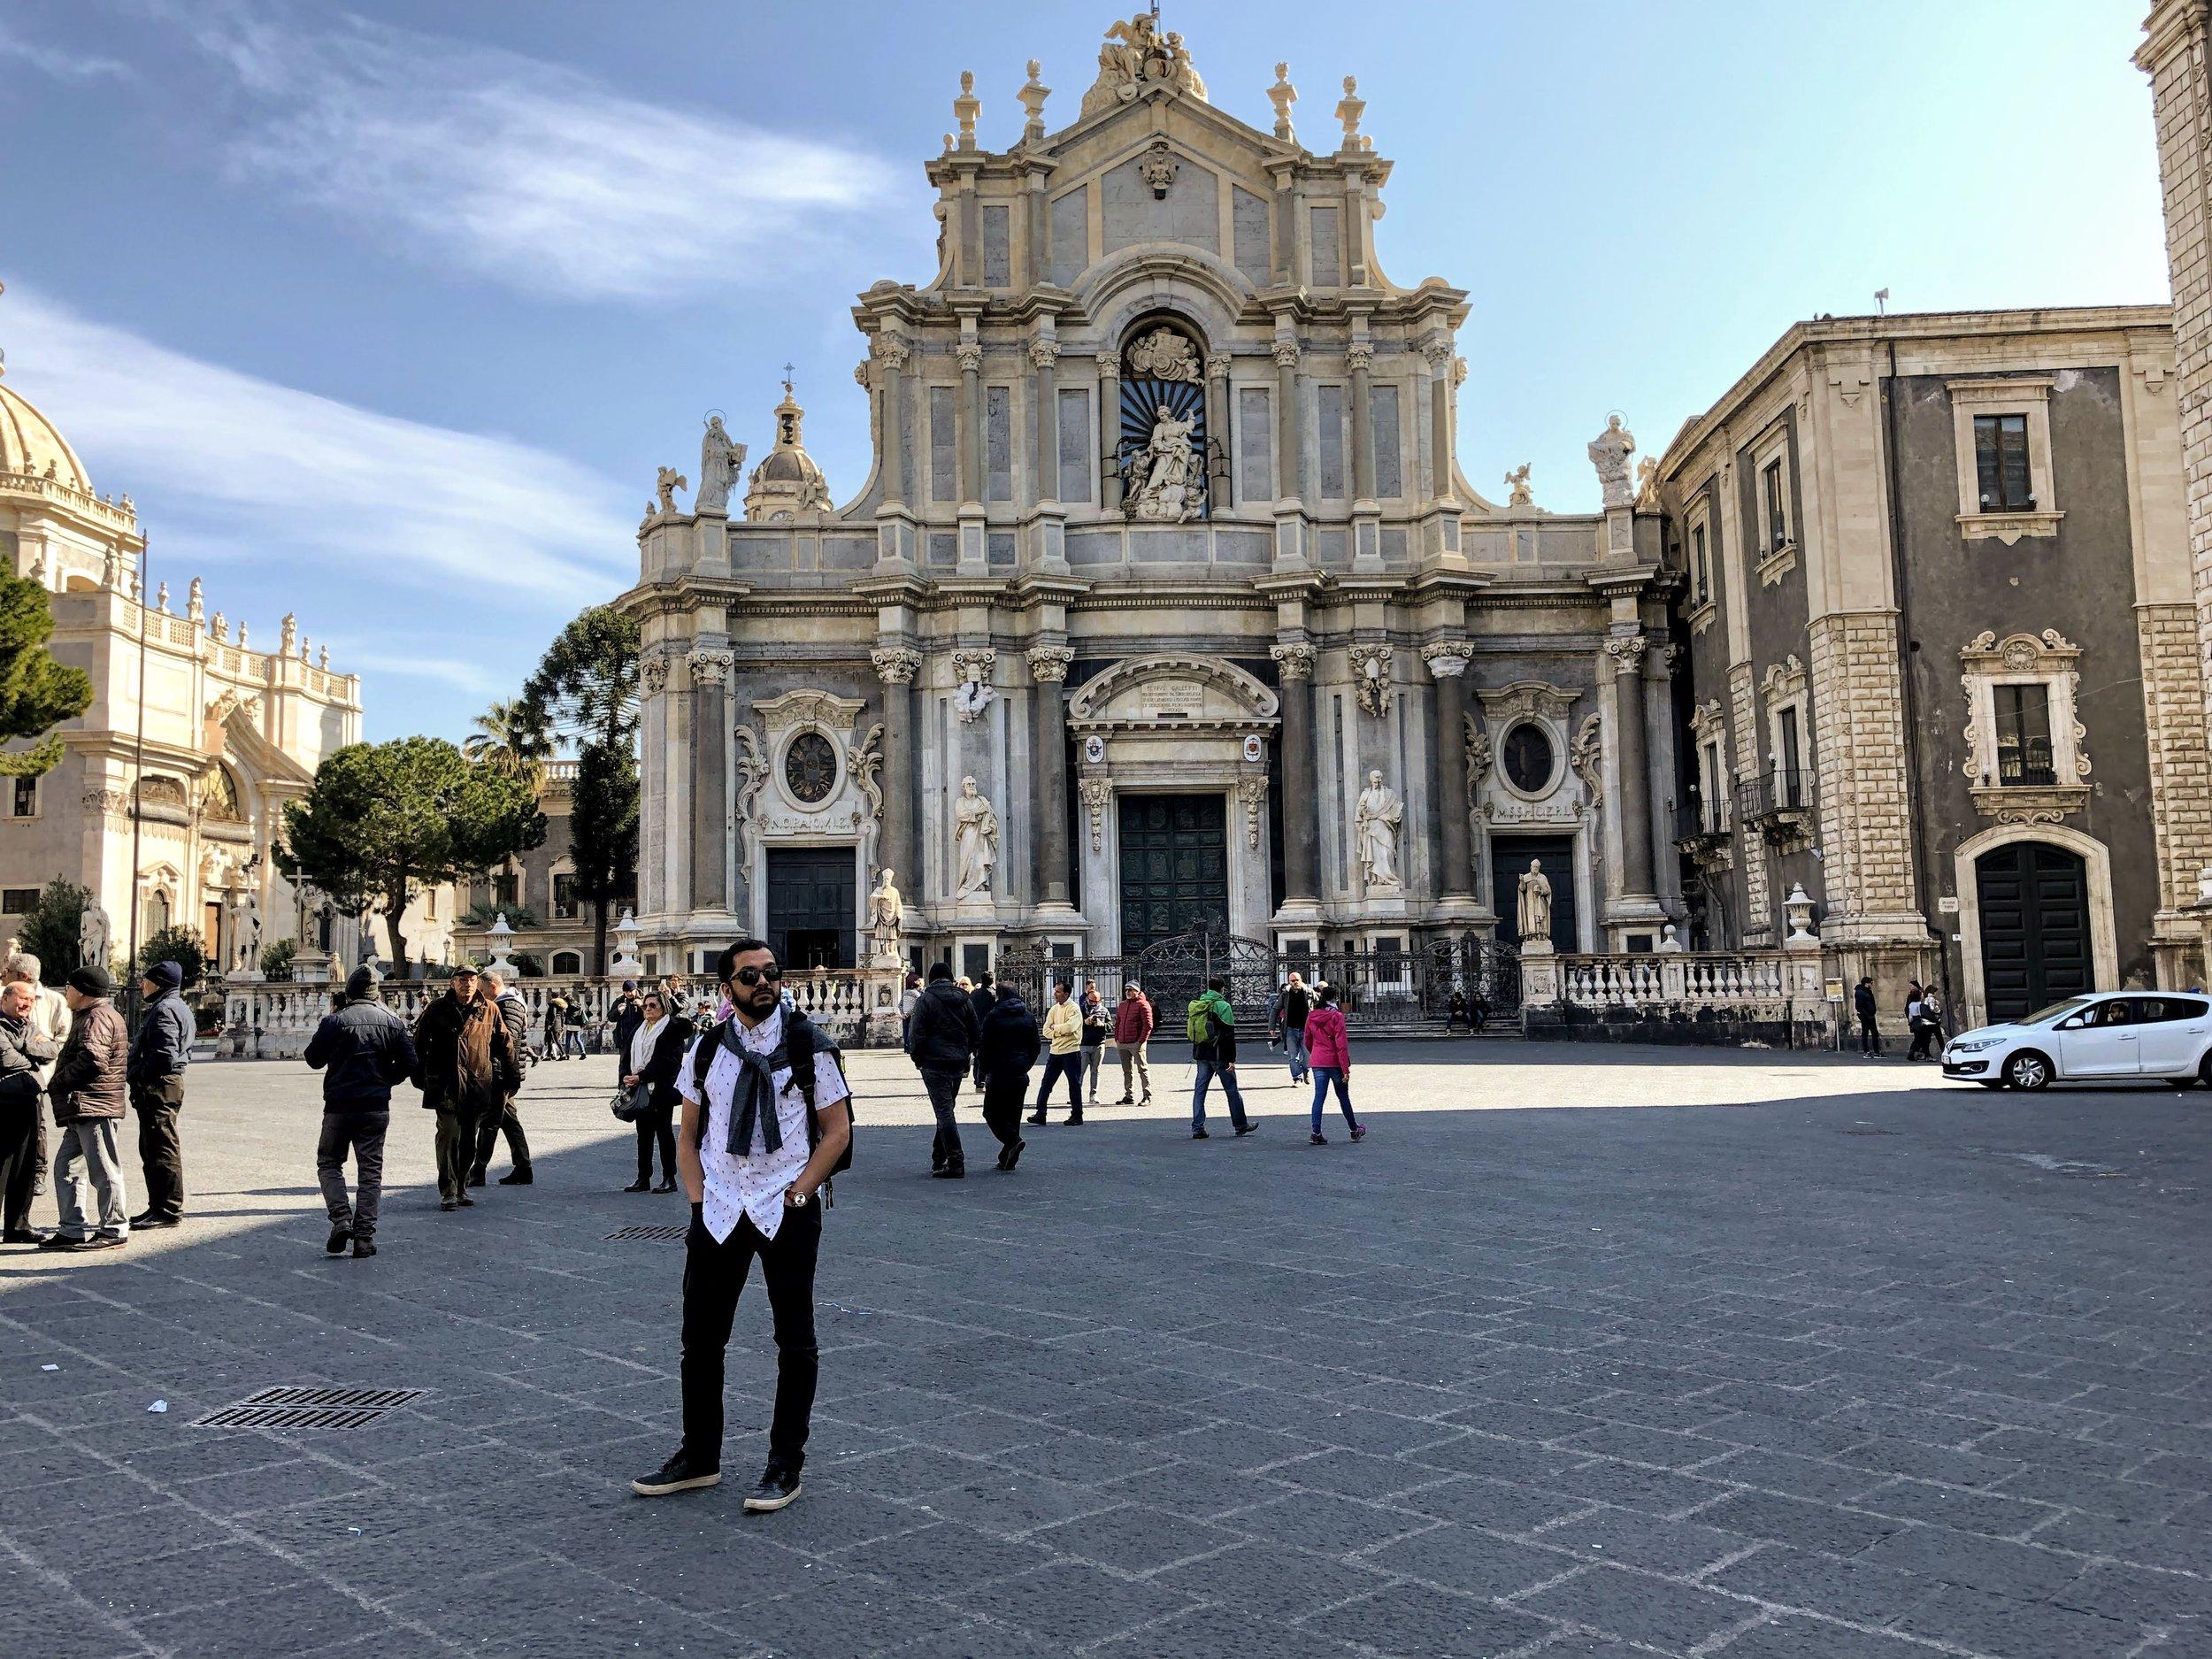 Cattedrale di Sant'Agata in the Piazza di Duomo